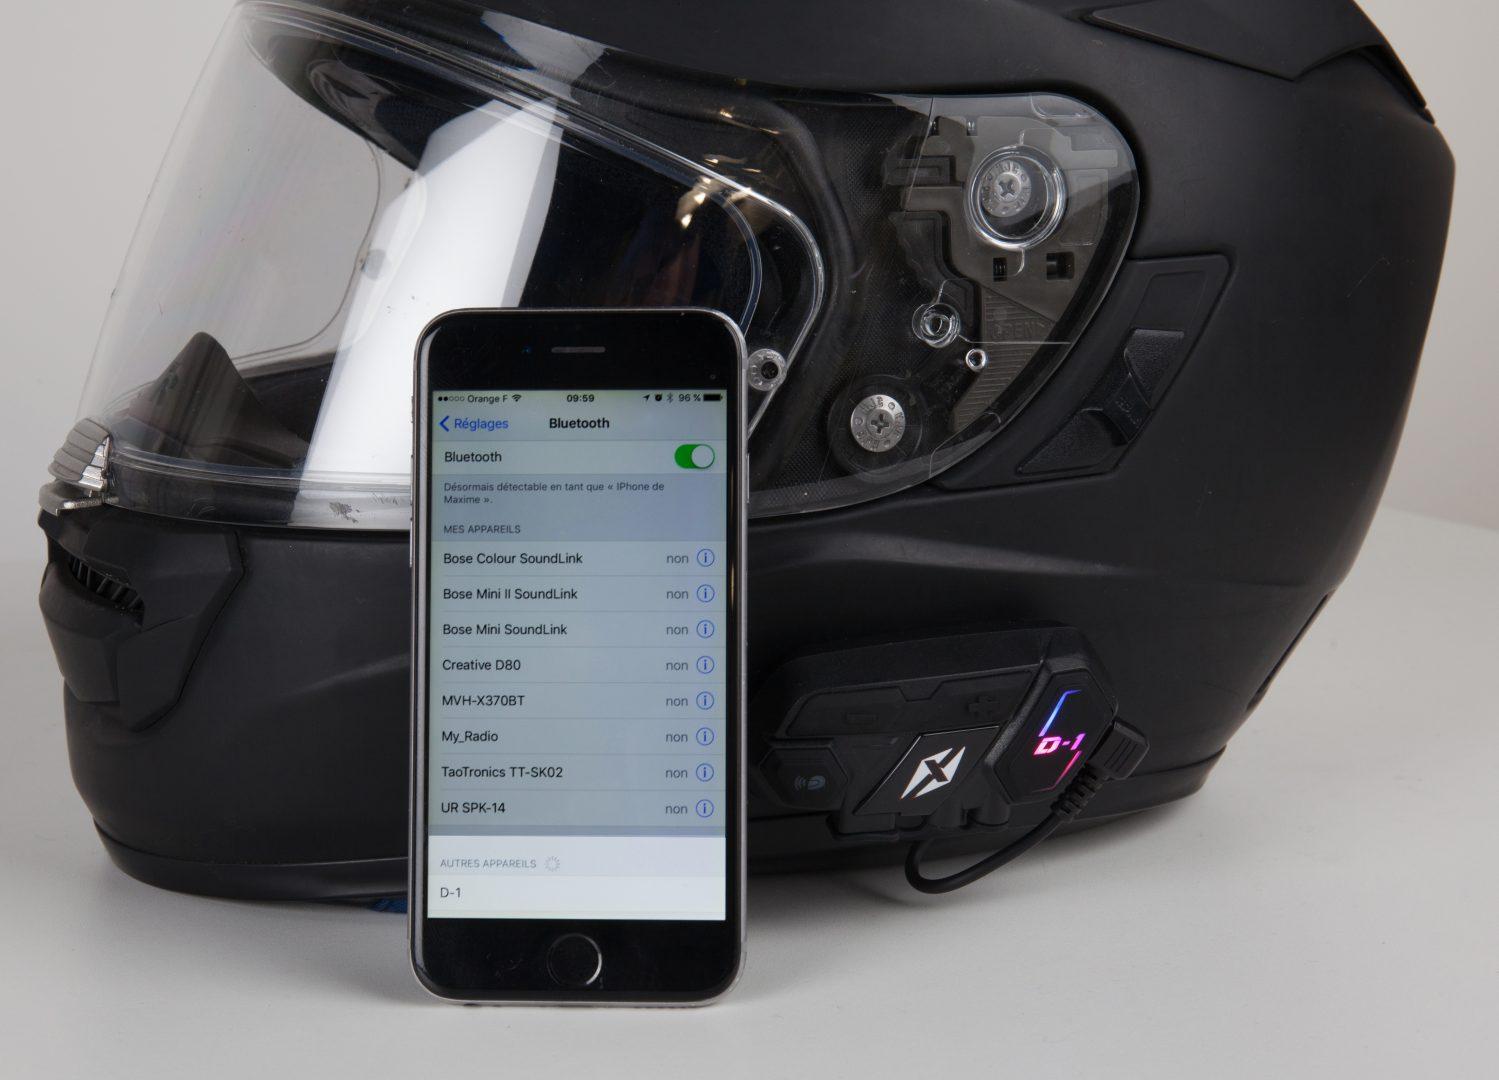 Para disfrutar de los servicios de un kit de manos libres, el teléfono debe tener una conexión Bluetooth